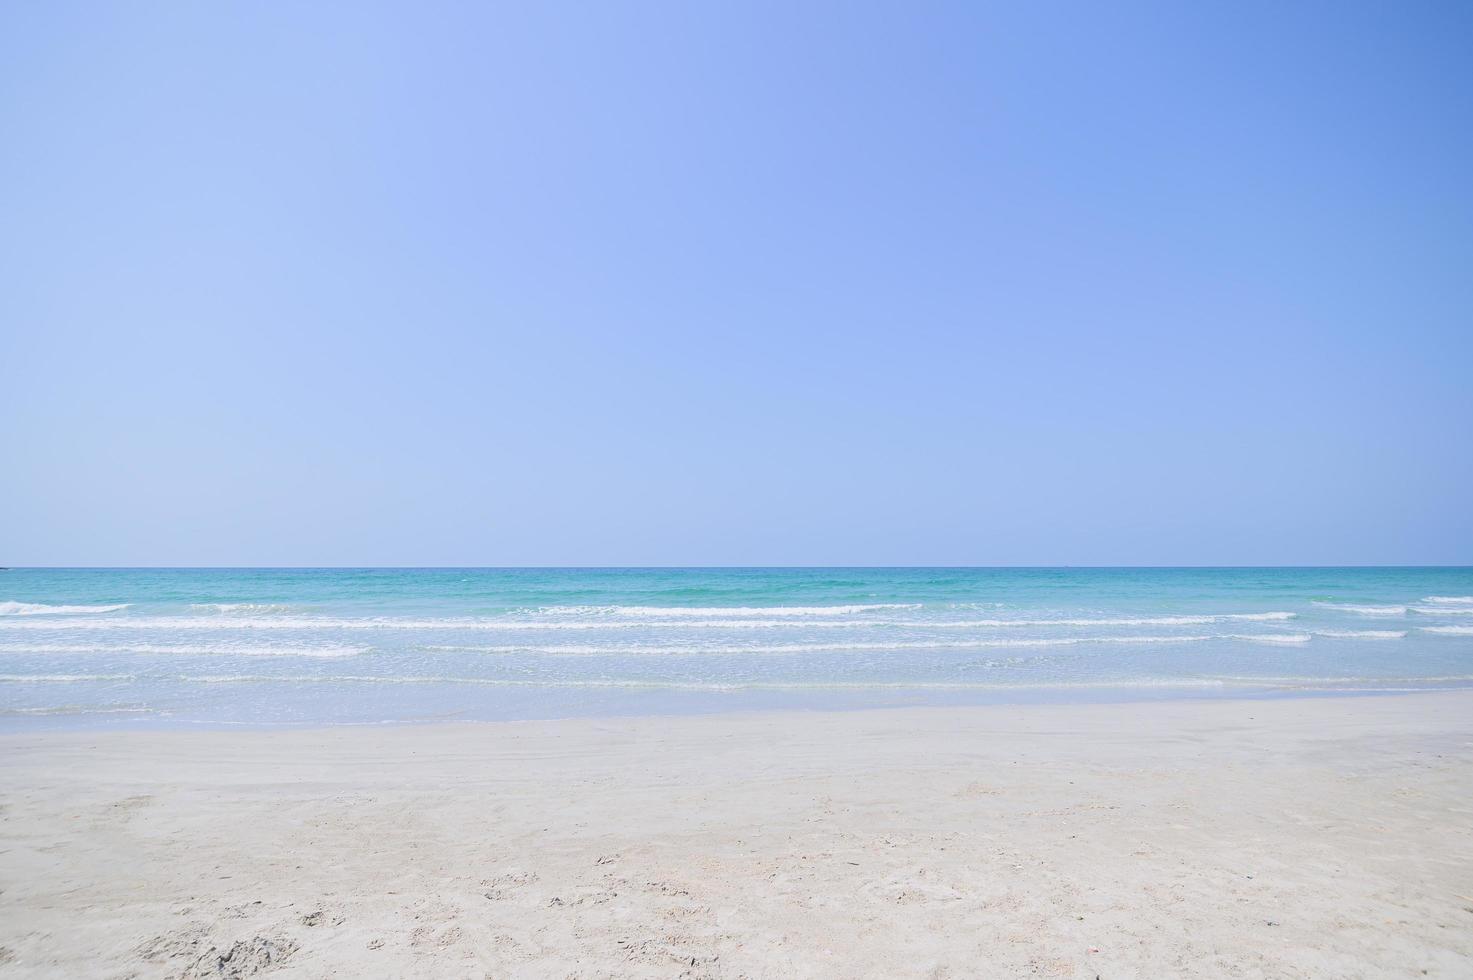 utsikt över stranden från en australsk strandlinje foto